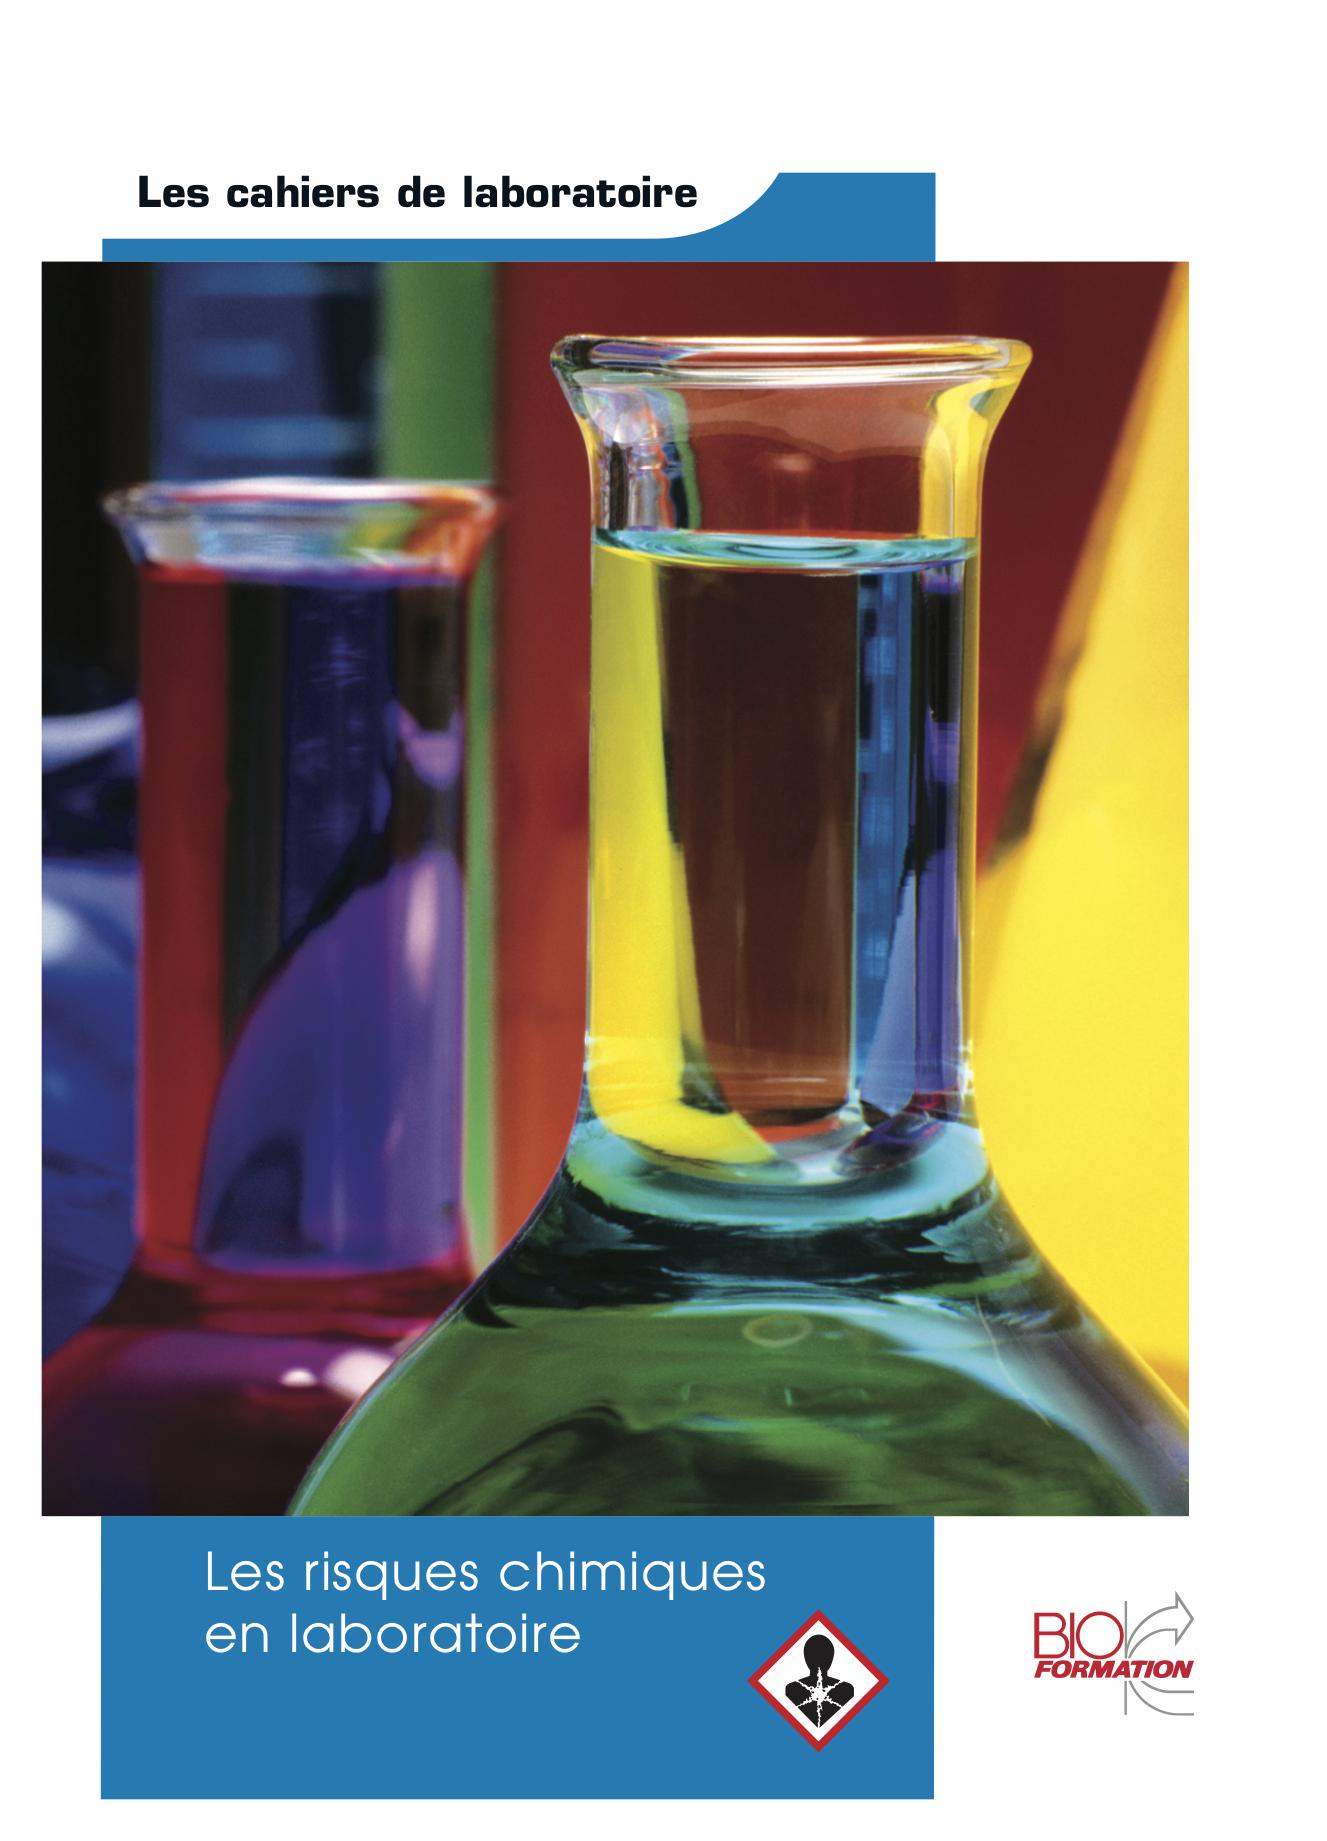 Les risques chimiques en laboratoire